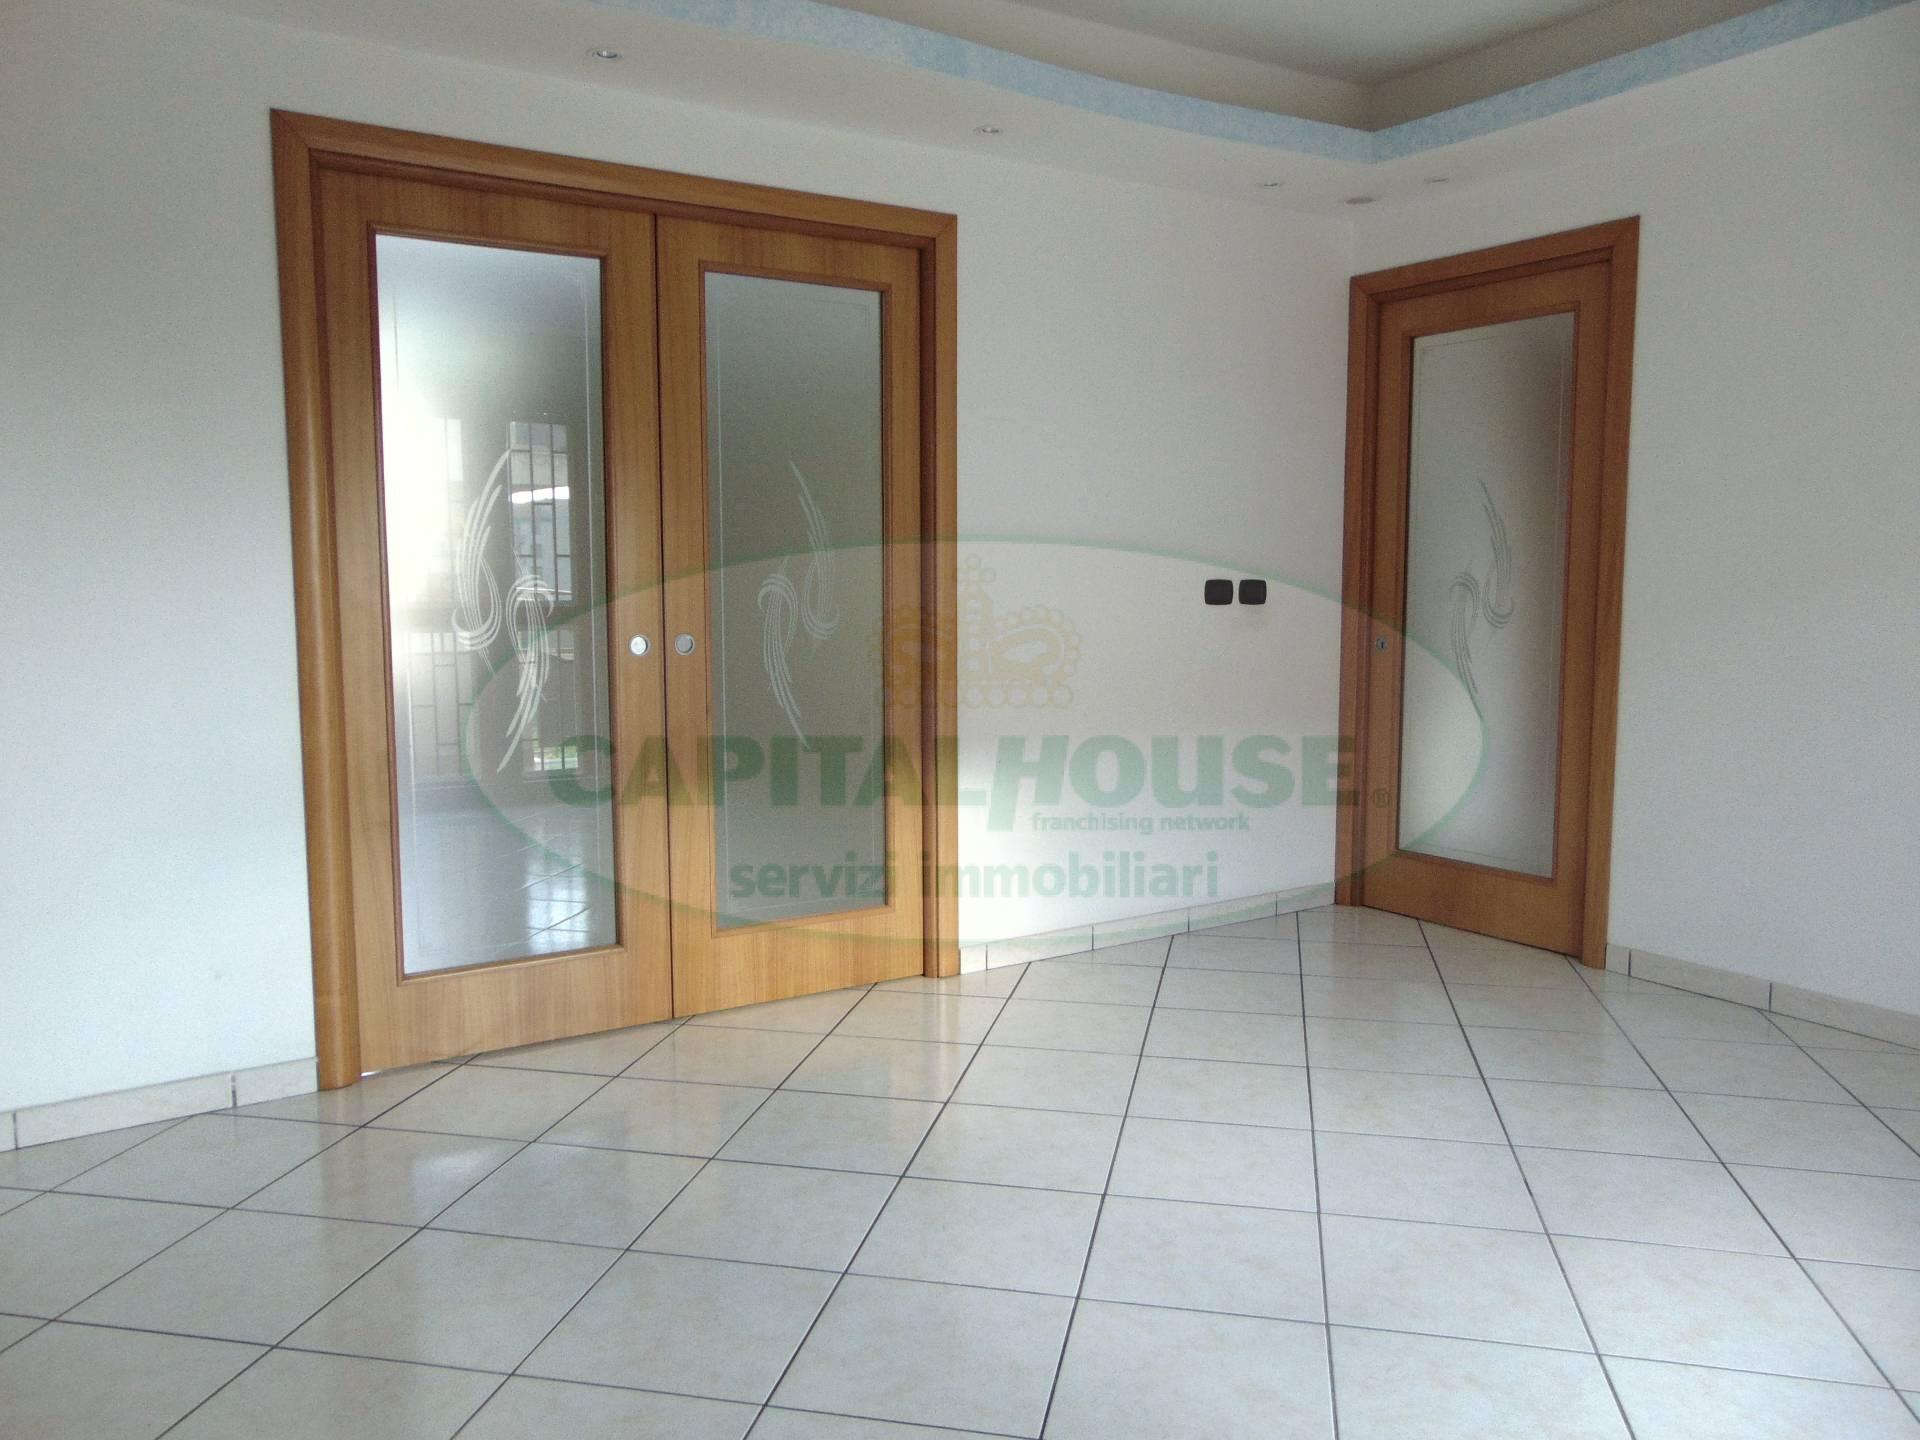 Appartamento in vendita a San Tammaro, 4 locali, prezzo € 105.000 | Cambio Casa.it